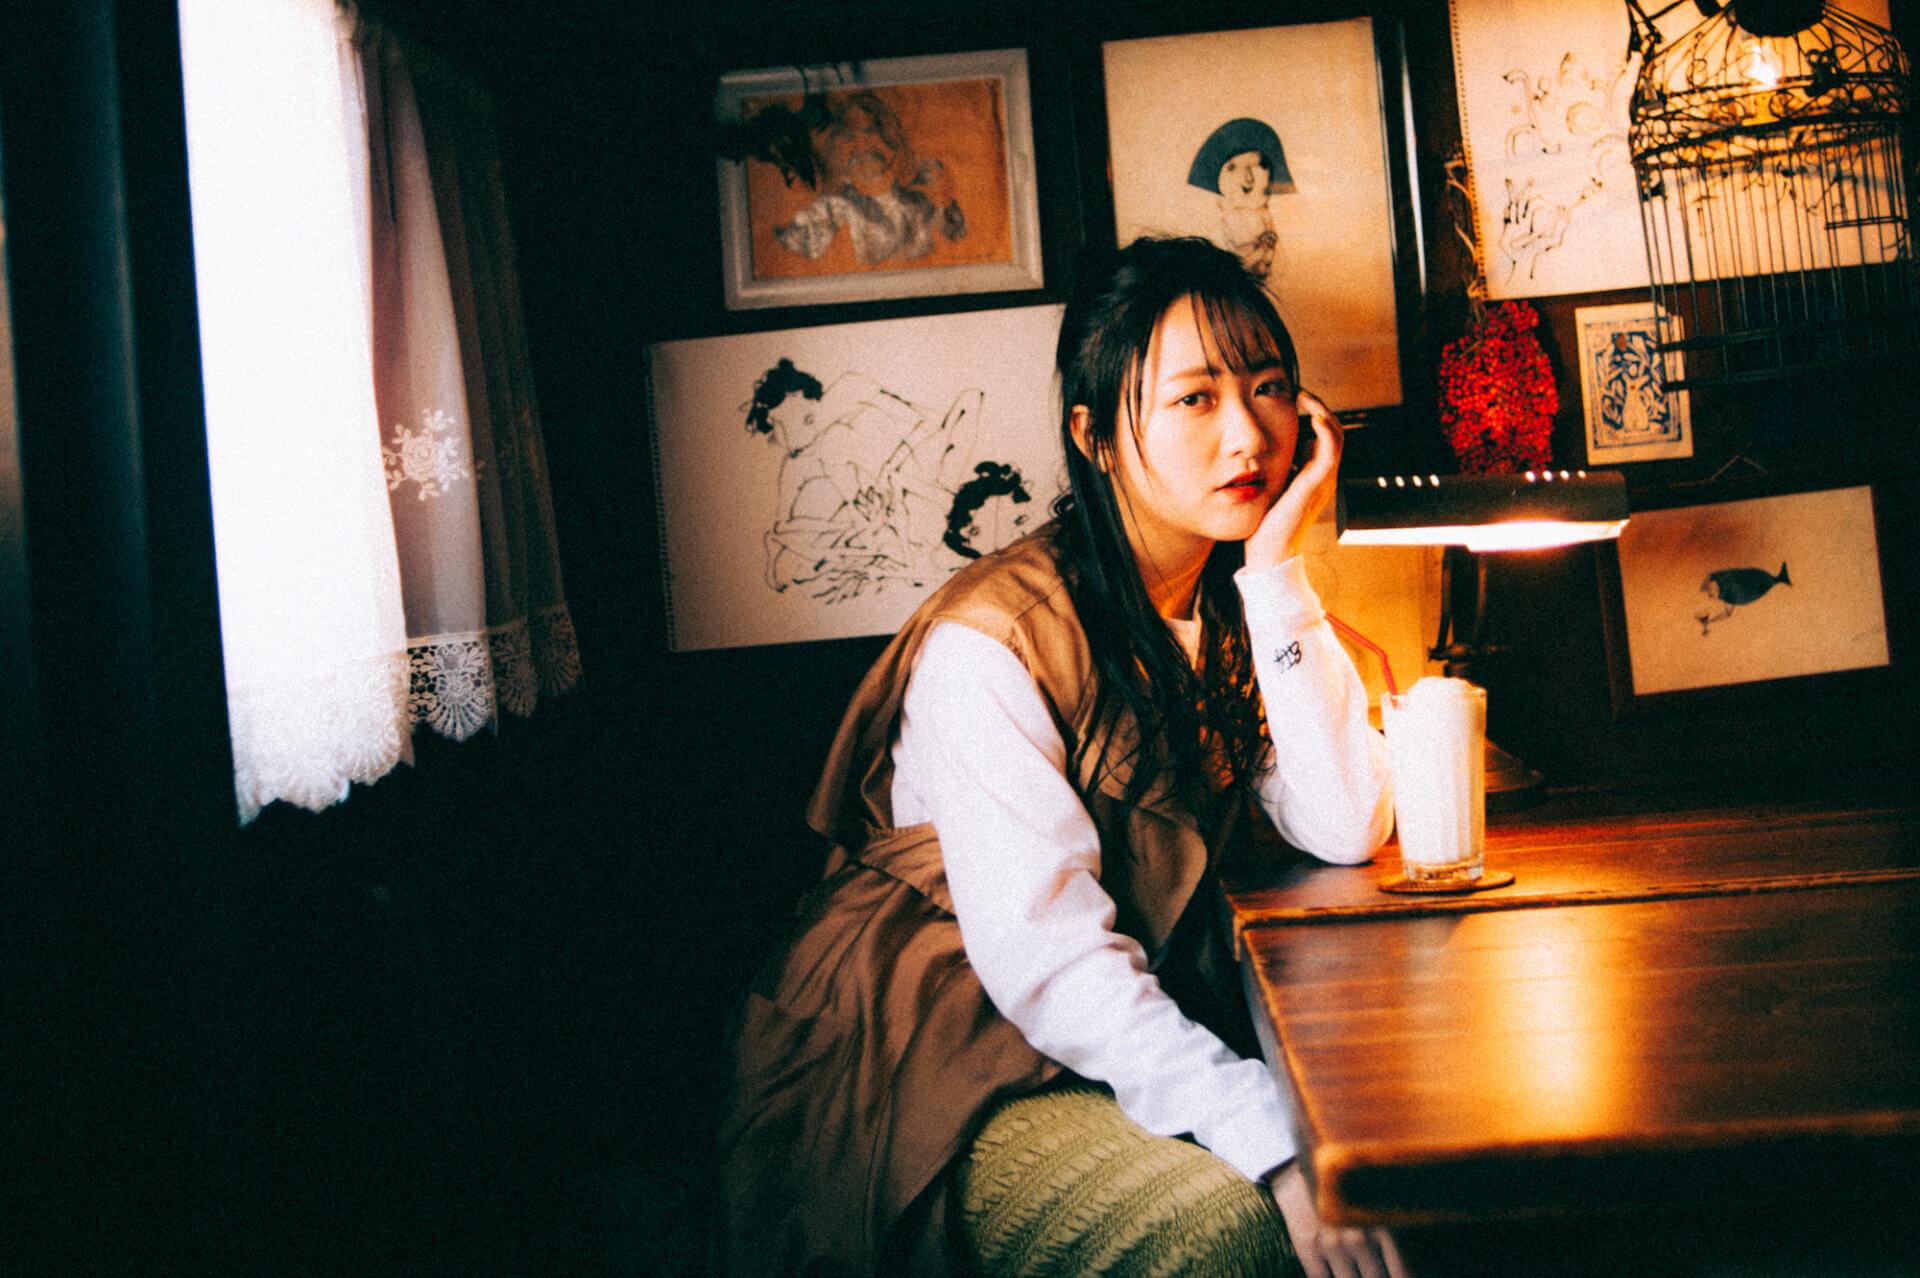 コウキシン女子の初体験 vol.19 石田千穂(STU48):広島のカルチャースポット column210222_chihoishida_38